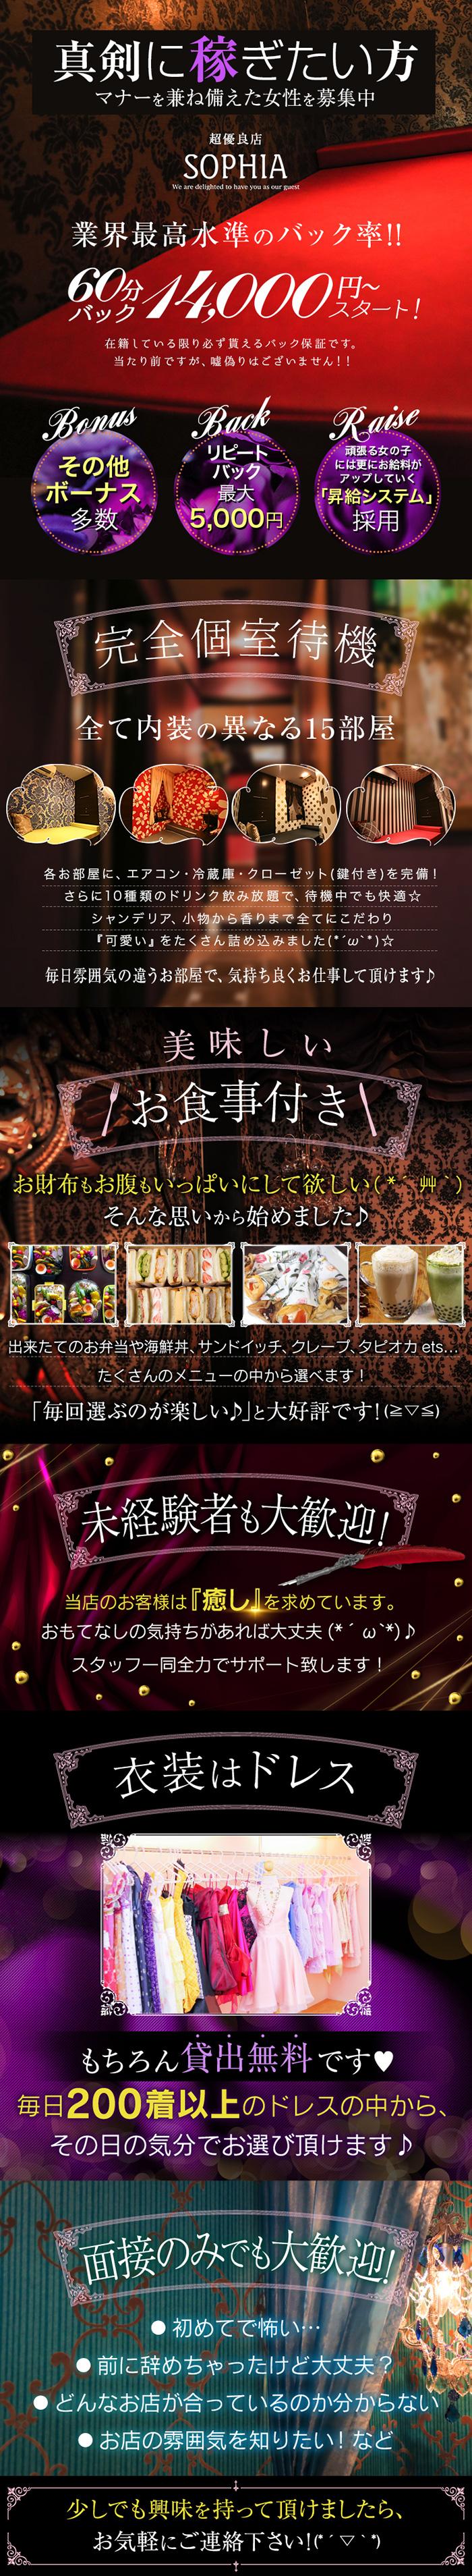 マナーを兼ね備えた女性を募集中!新宿歌舞伎町No.1超優良店SOPHIA(ソフィア)